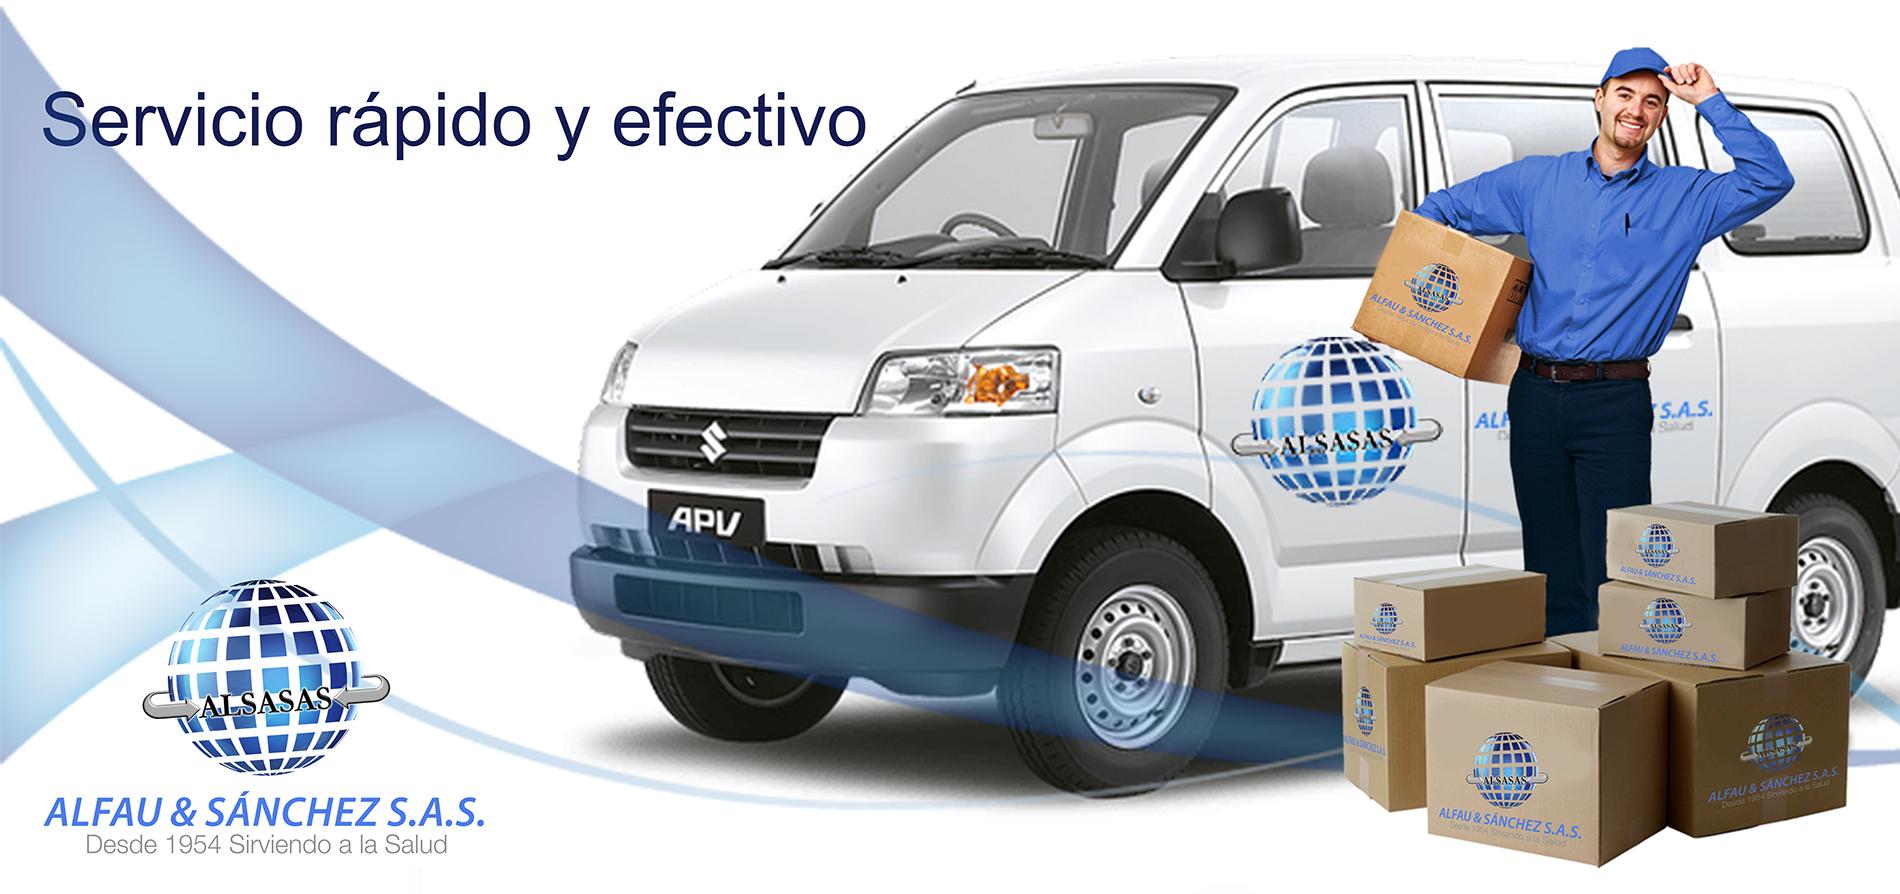 servicios-rapidos0